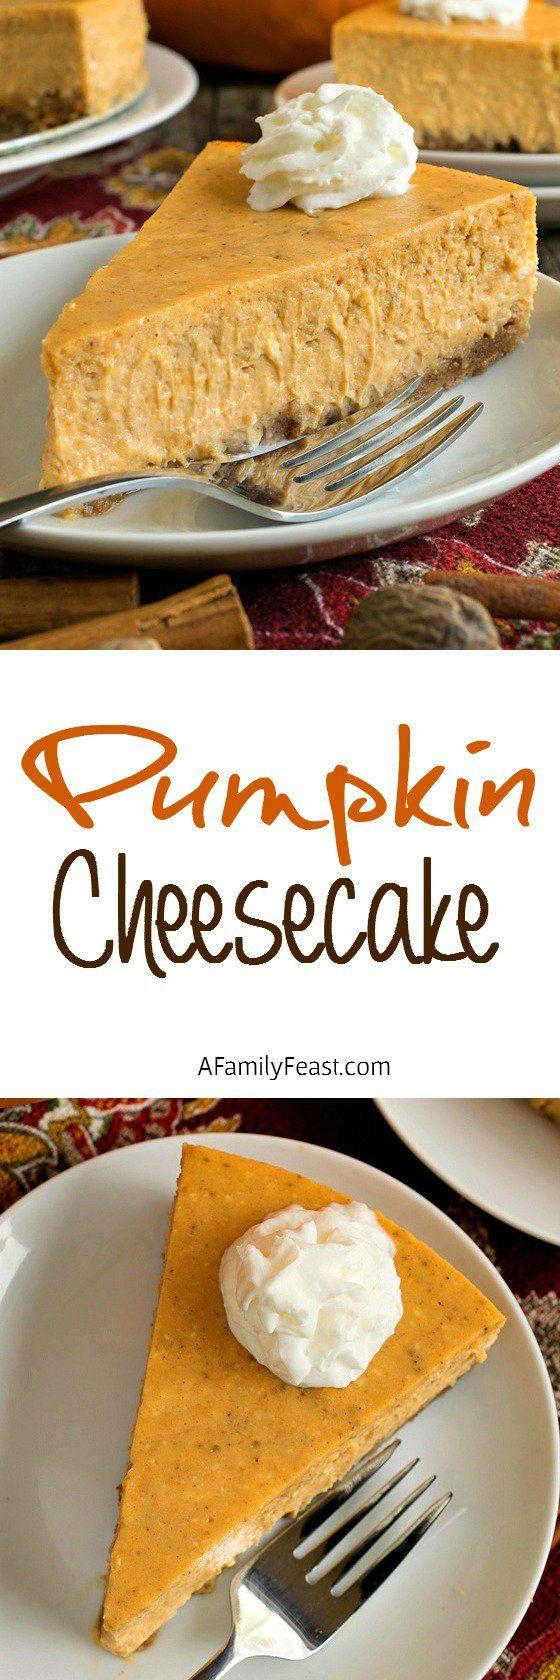 Paula Deen Thanksgiving Desserts  Pinterest • The world's catalog of ideas